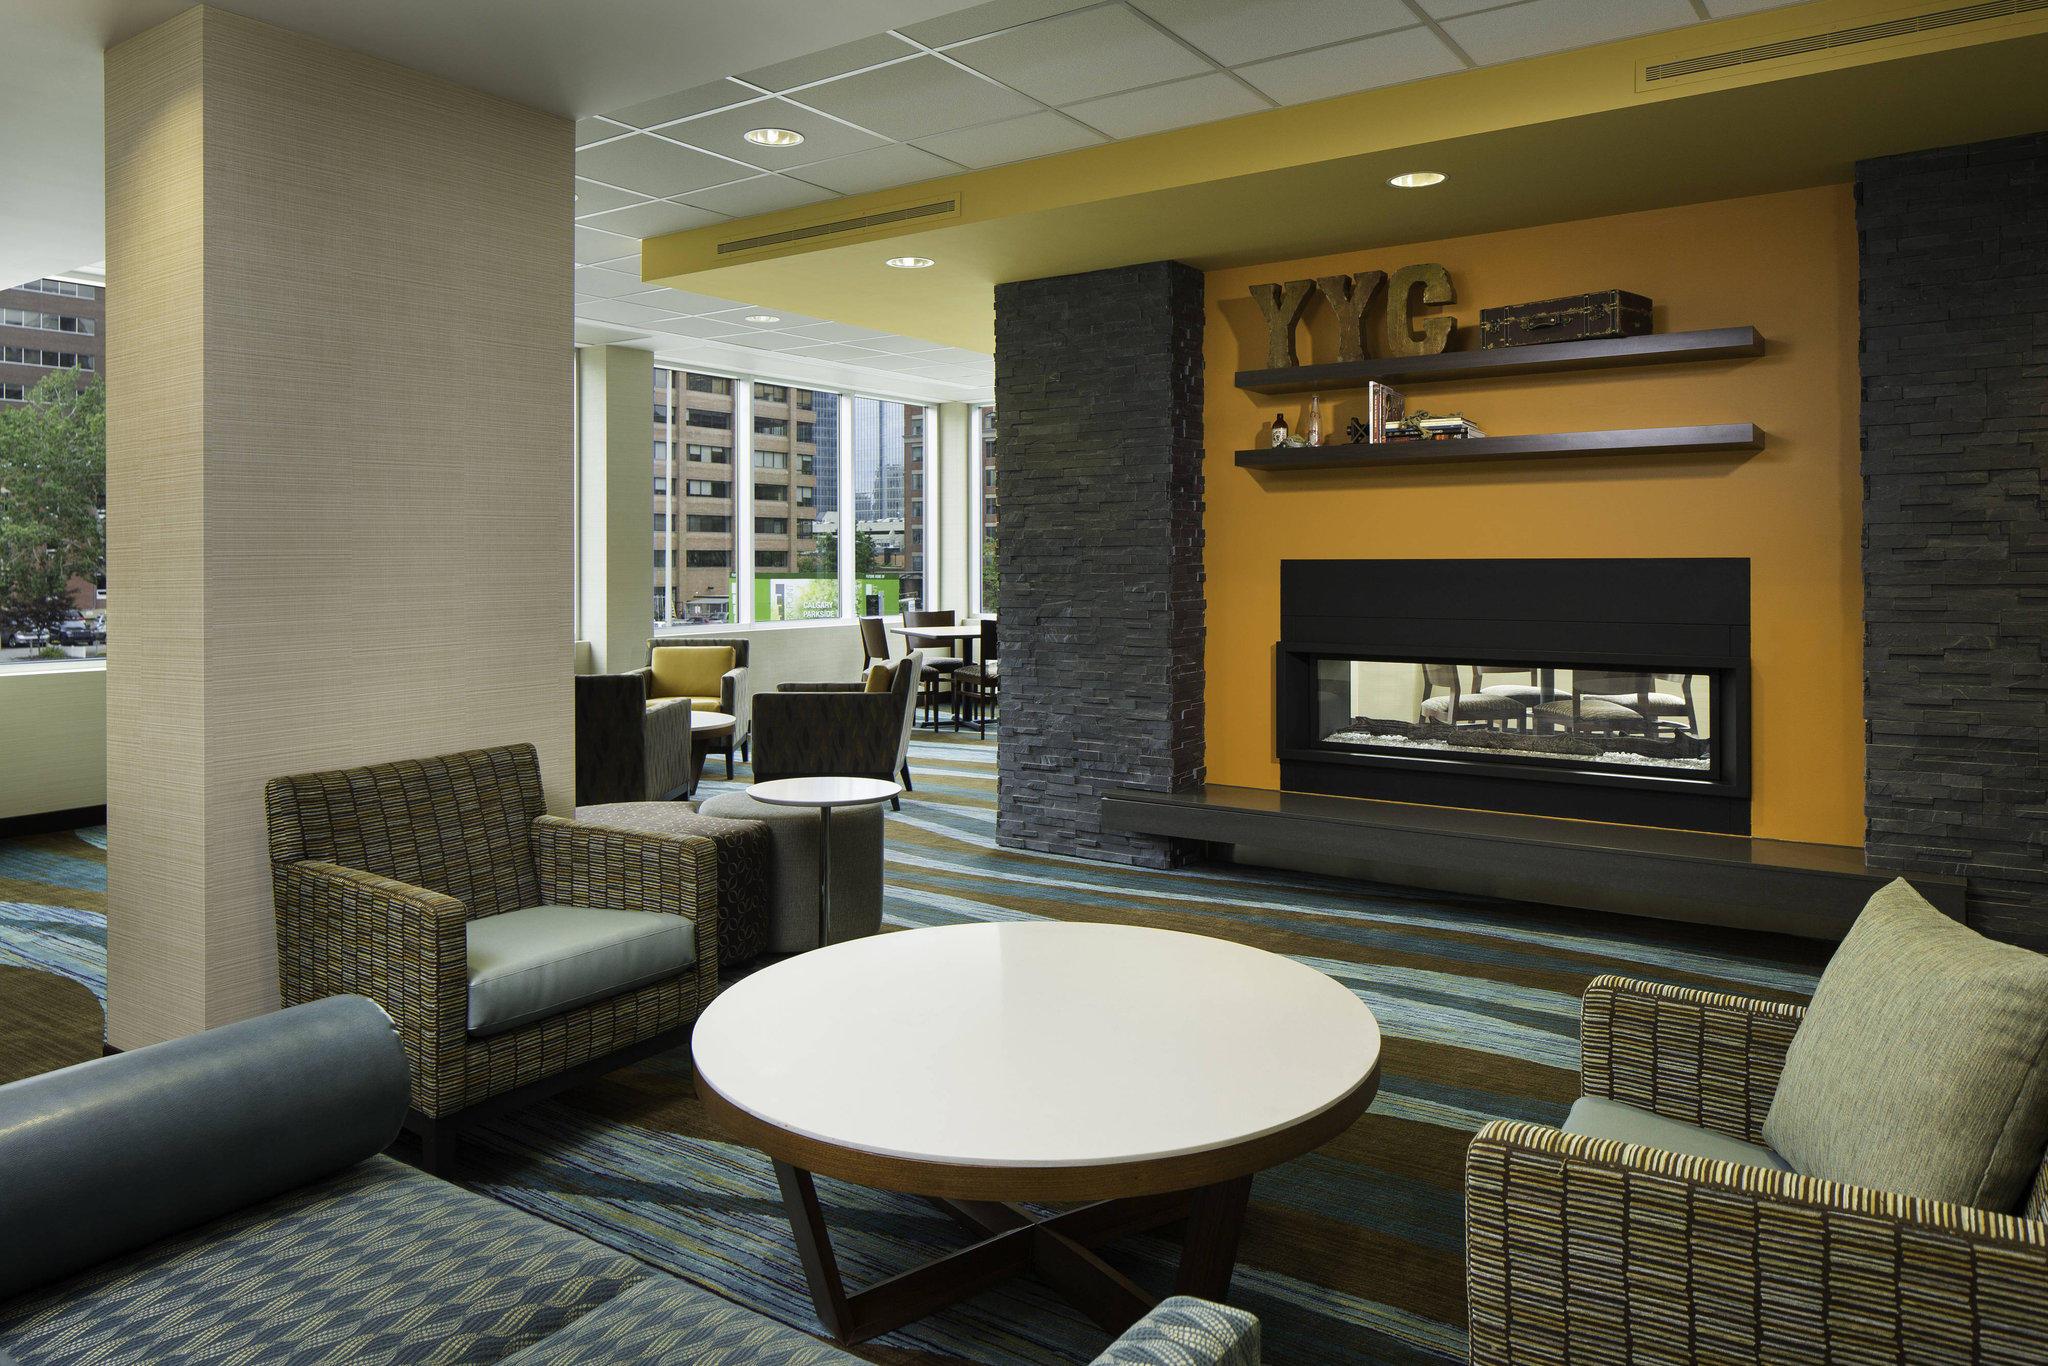 Fairfield Inn & Suites by Marriott Calgary Downtown